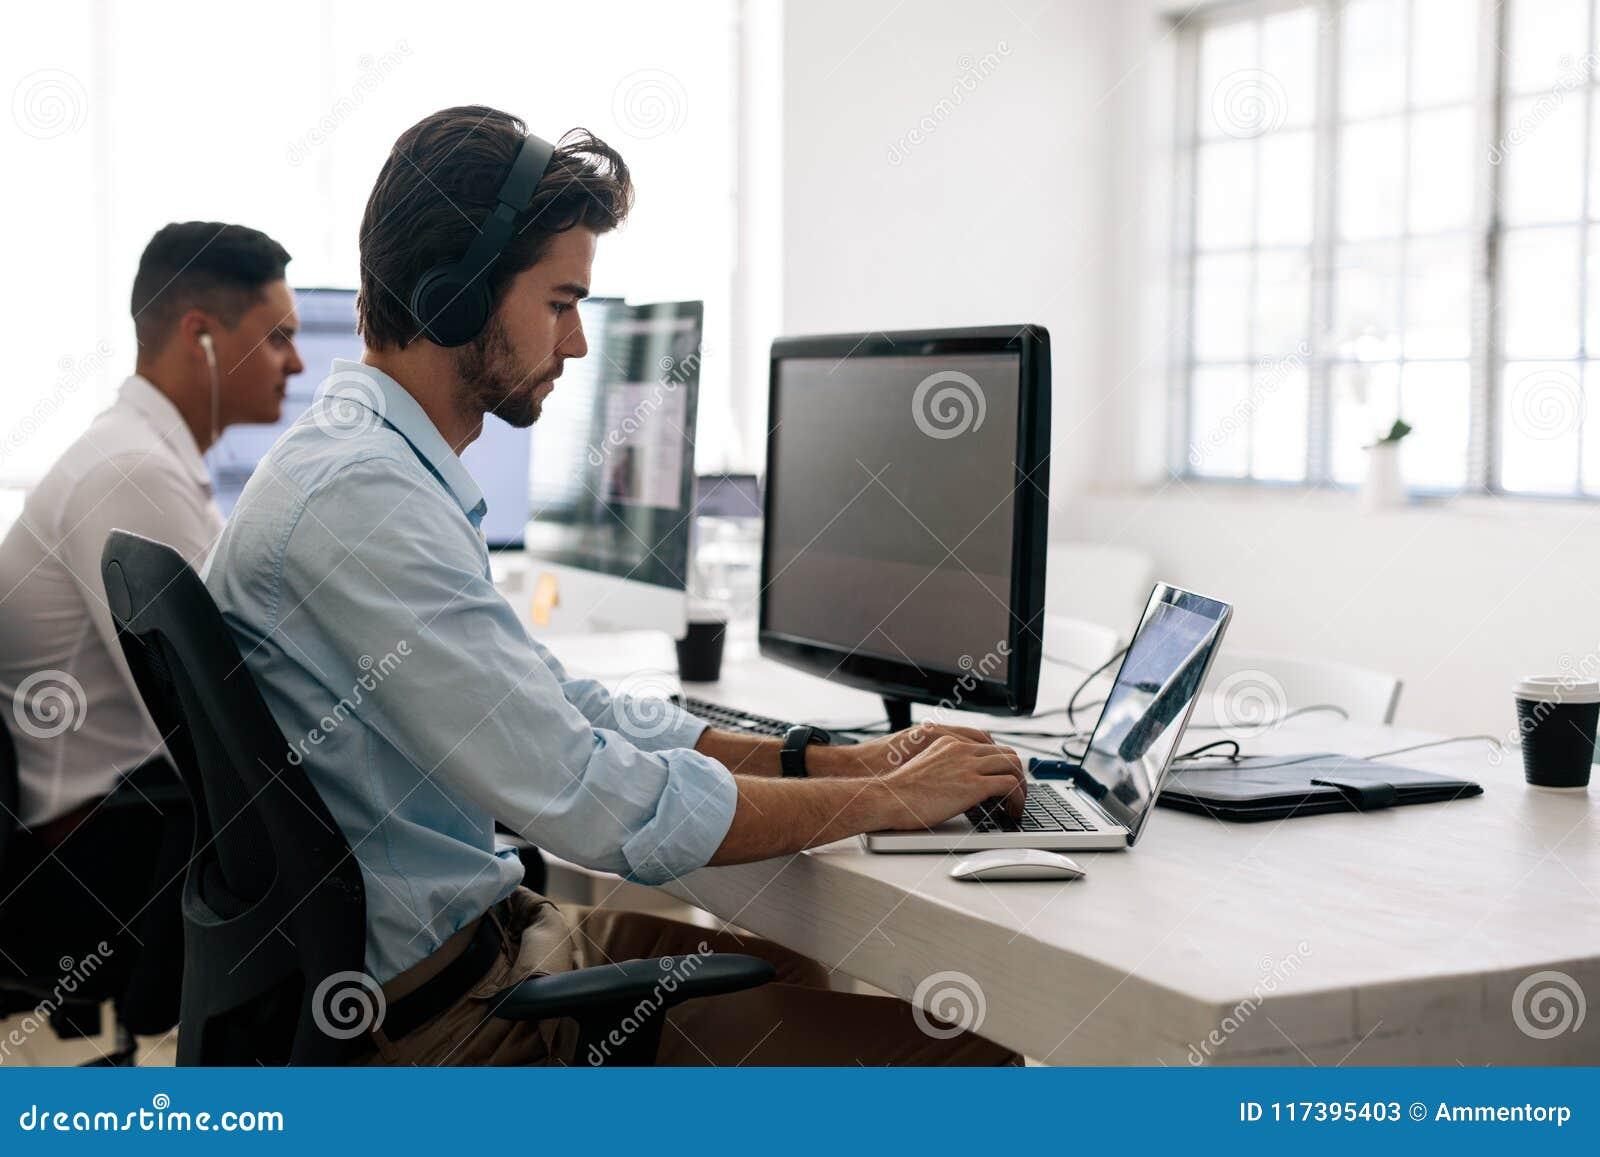 Anwendungsentwickler Die An Computern Im Buro Arbeiten Stockbild